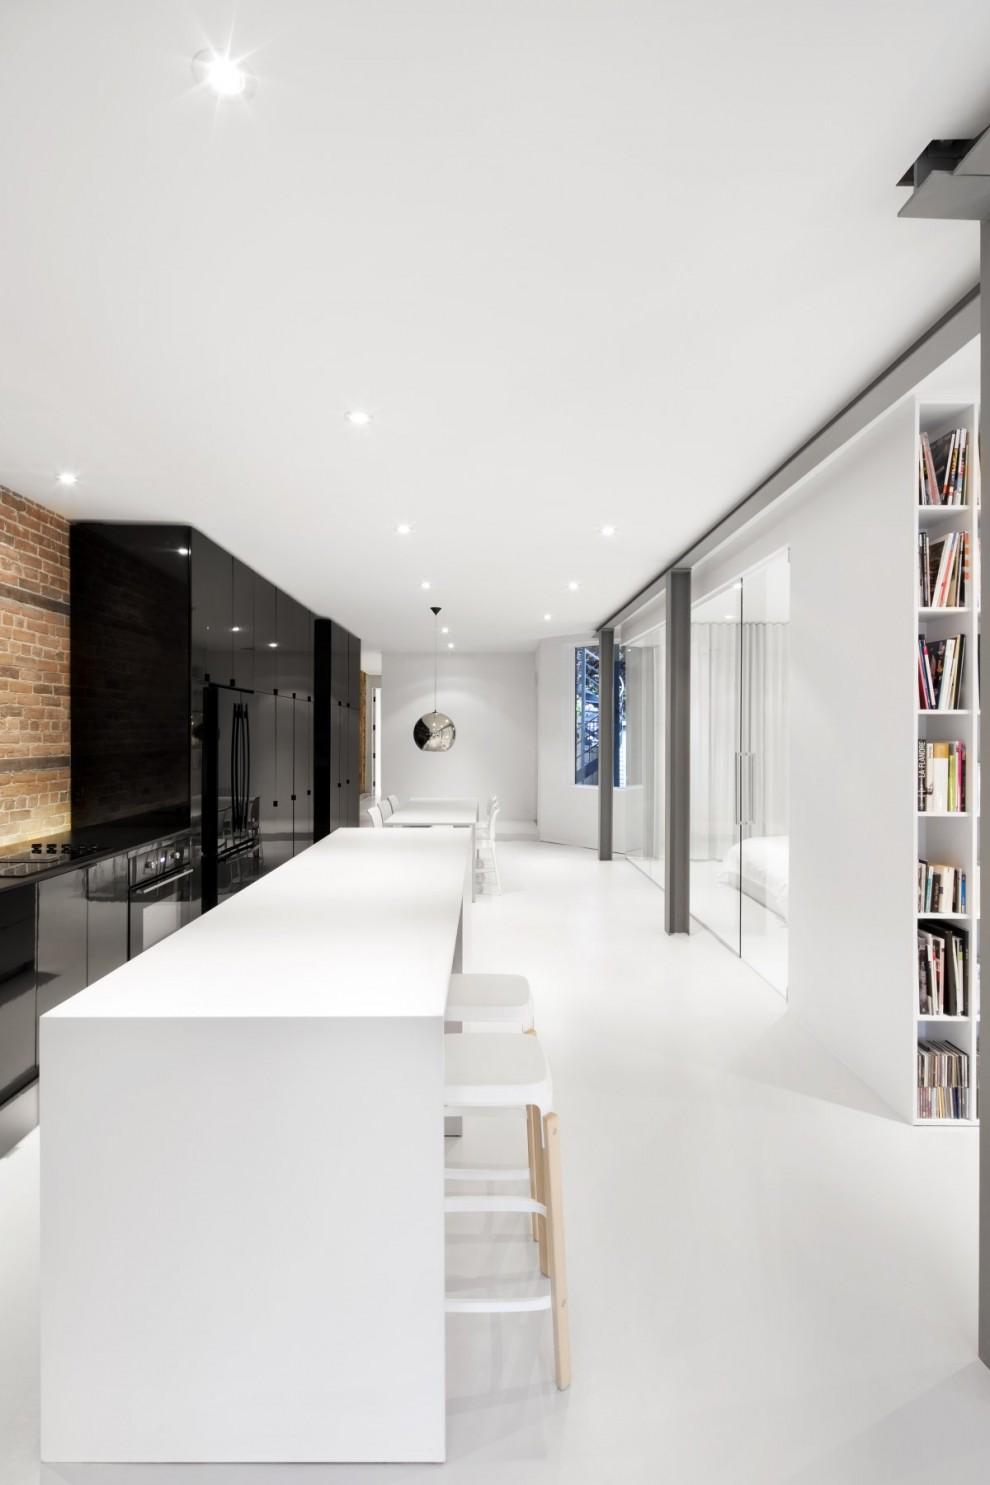 R ahbilitation d 39 un appartement montr al blog red for Cours de design interieur montreal